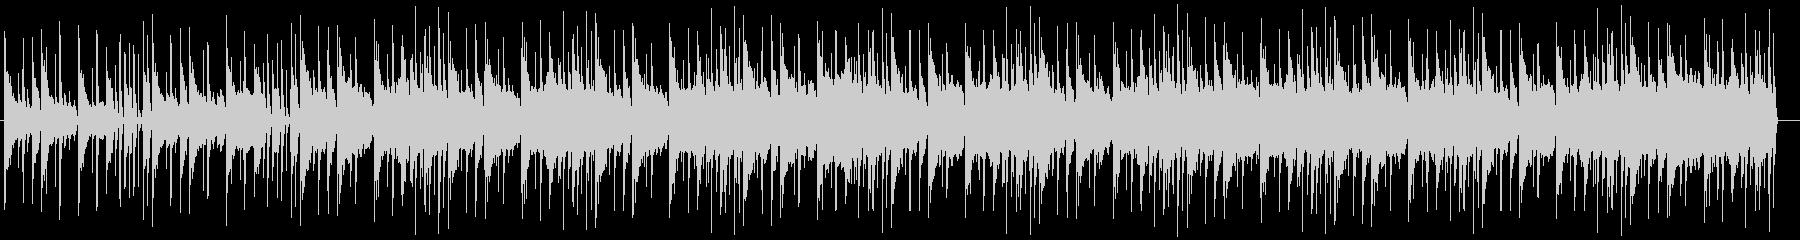 メロウなヒップホップの未再生の波形